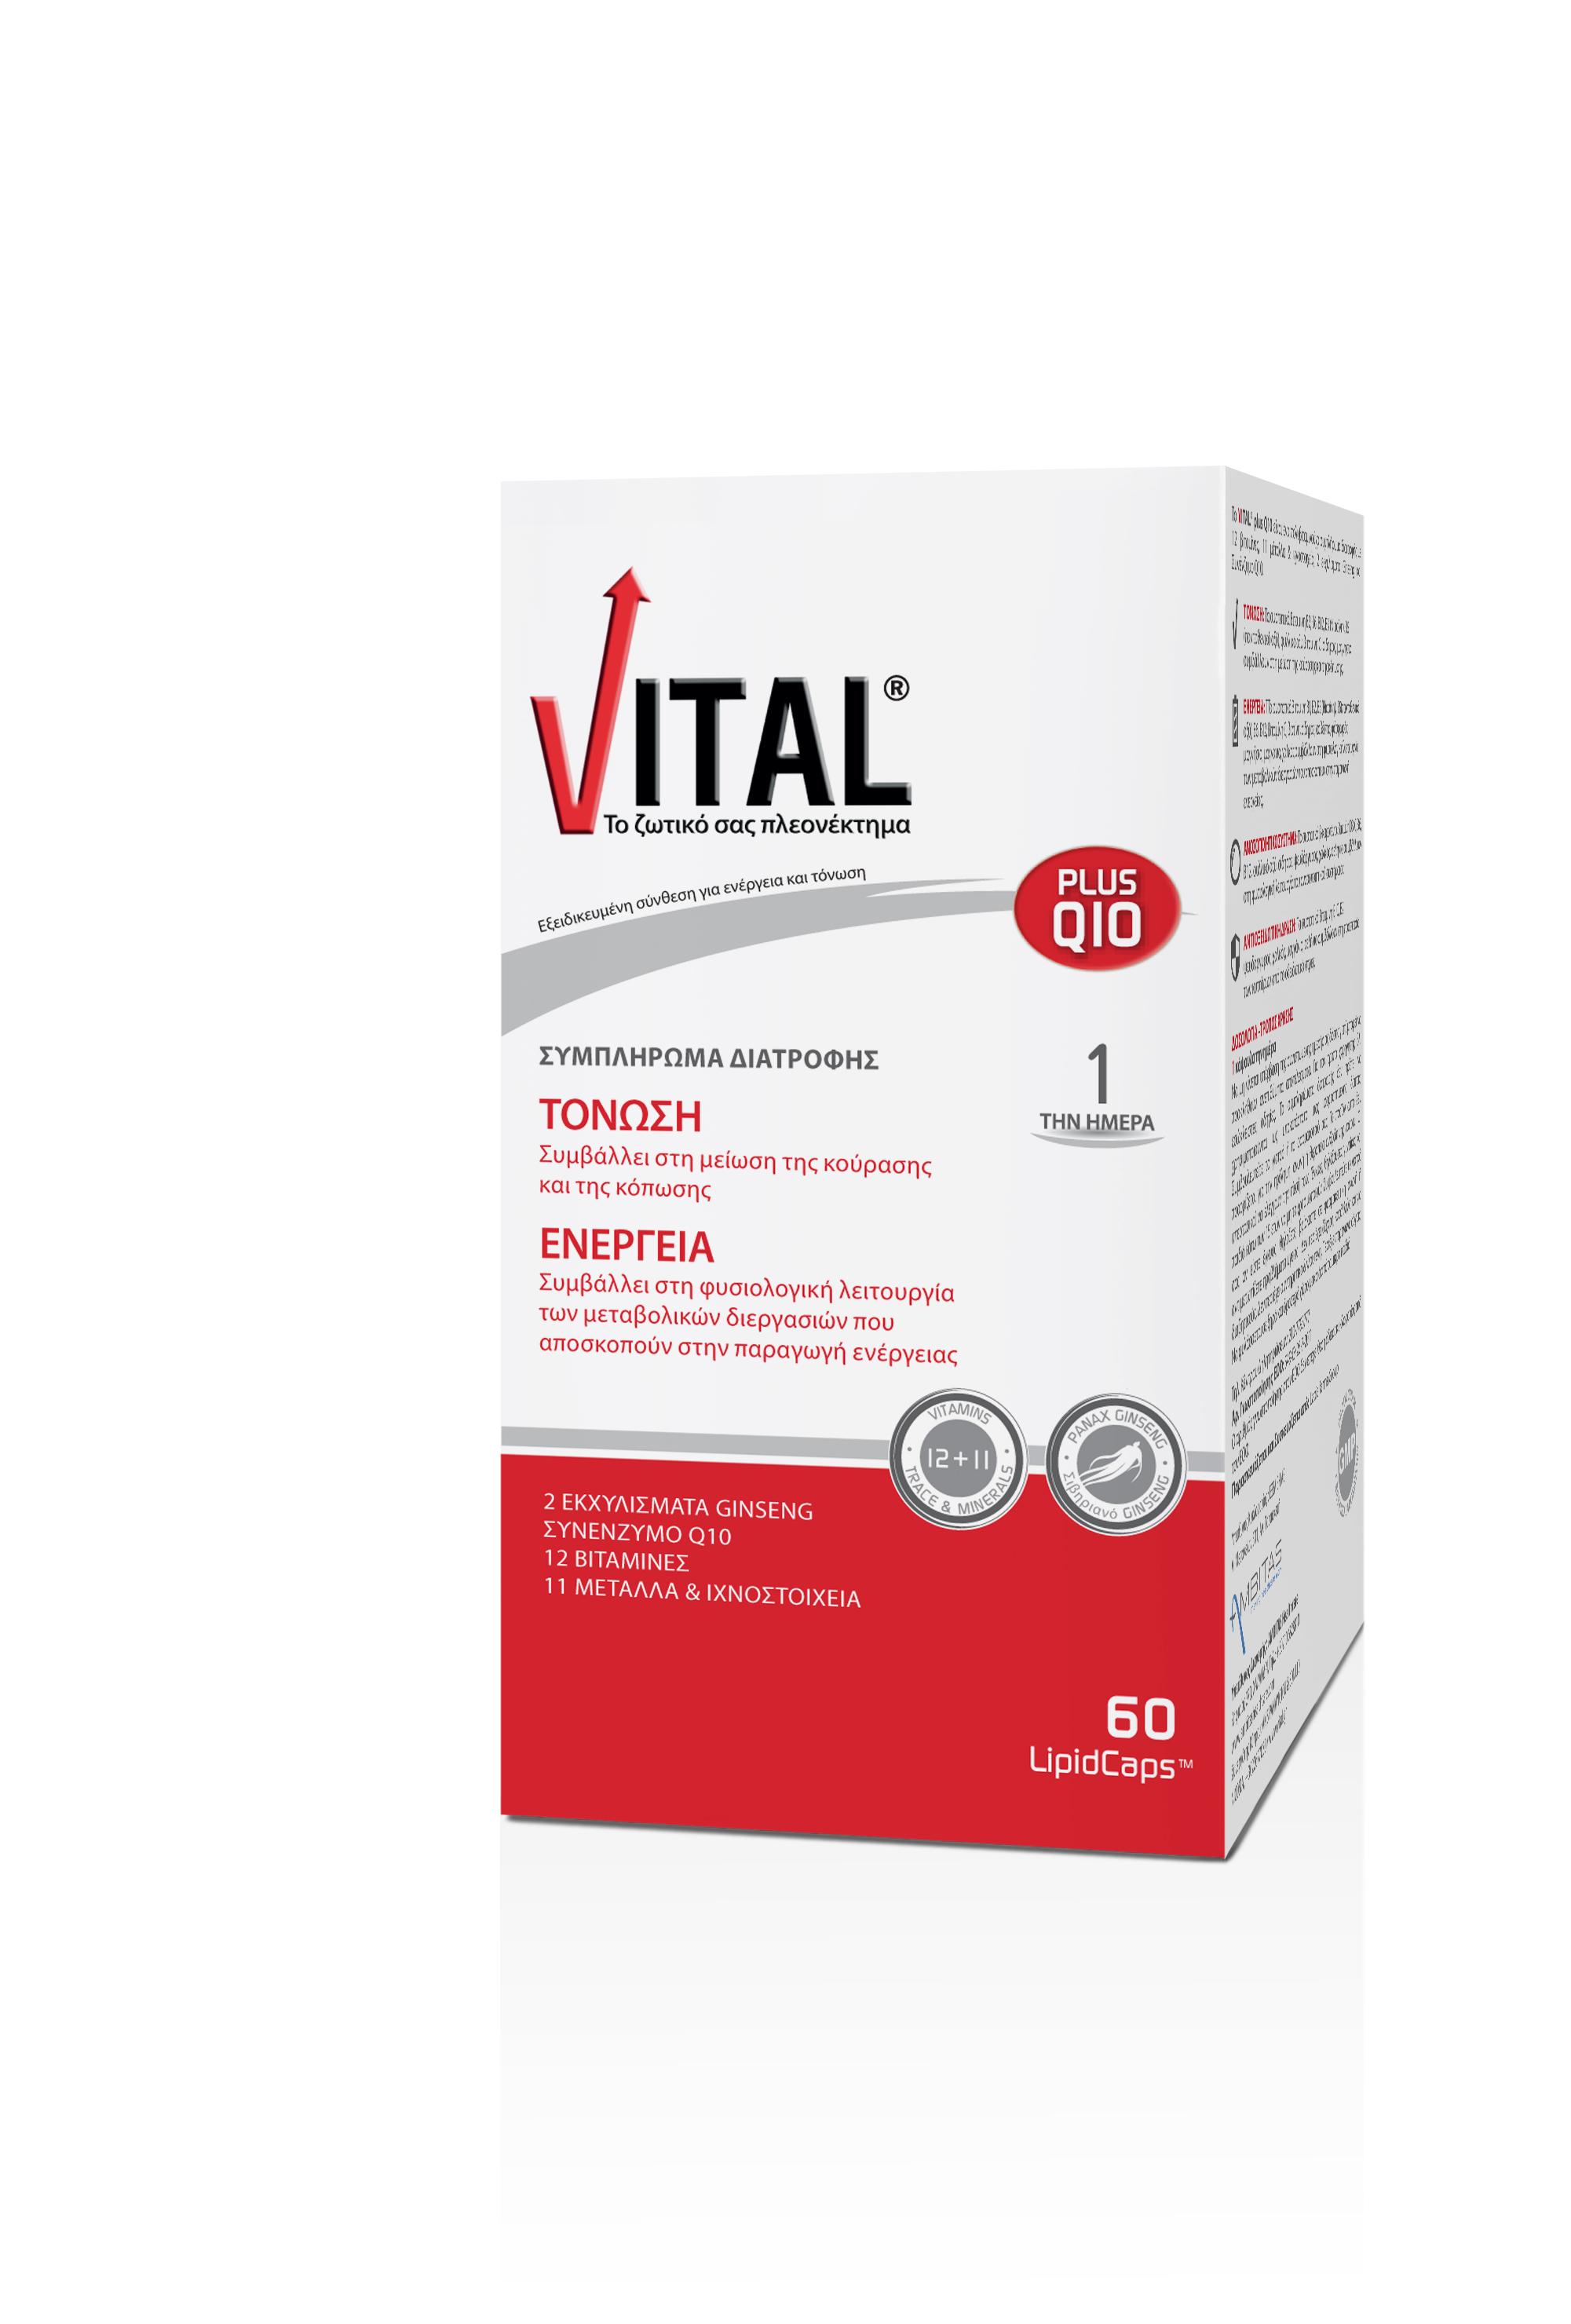 VITALPLUS VITAL PLUS Q10 60CAPS